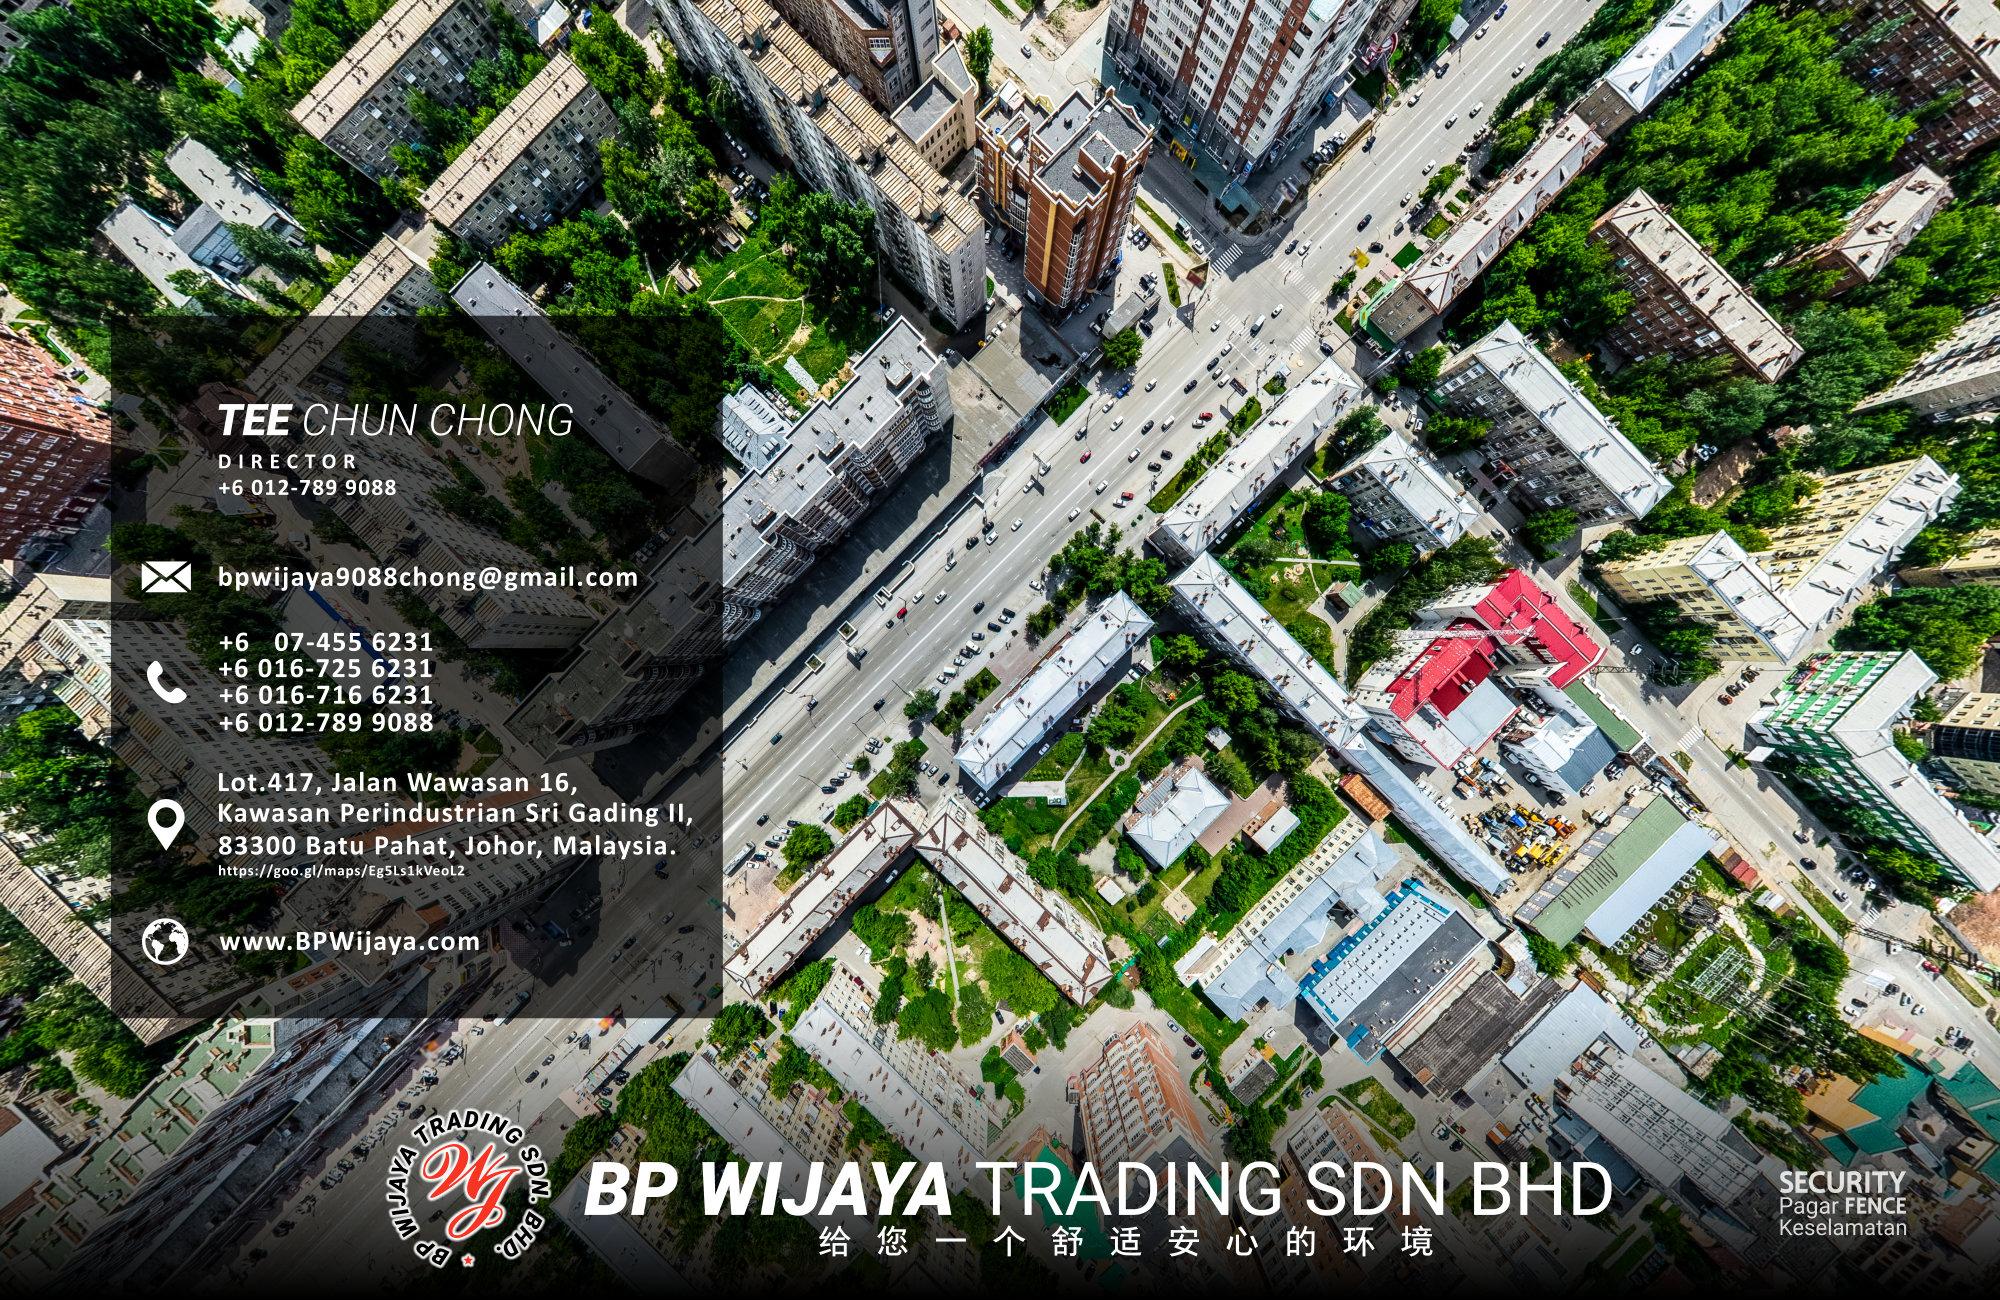 吉隆坡安全篱笆供应商 - 我们是安全篱笆制造商 BP Wijaya Trading Sdn Bhd 住家围栏篱笆 提供 吉隆坡篱笆 建筑材料 给 发展商 花园 公寓 住家 工厂 农场 果园 安全藩篱 建设 A03-001